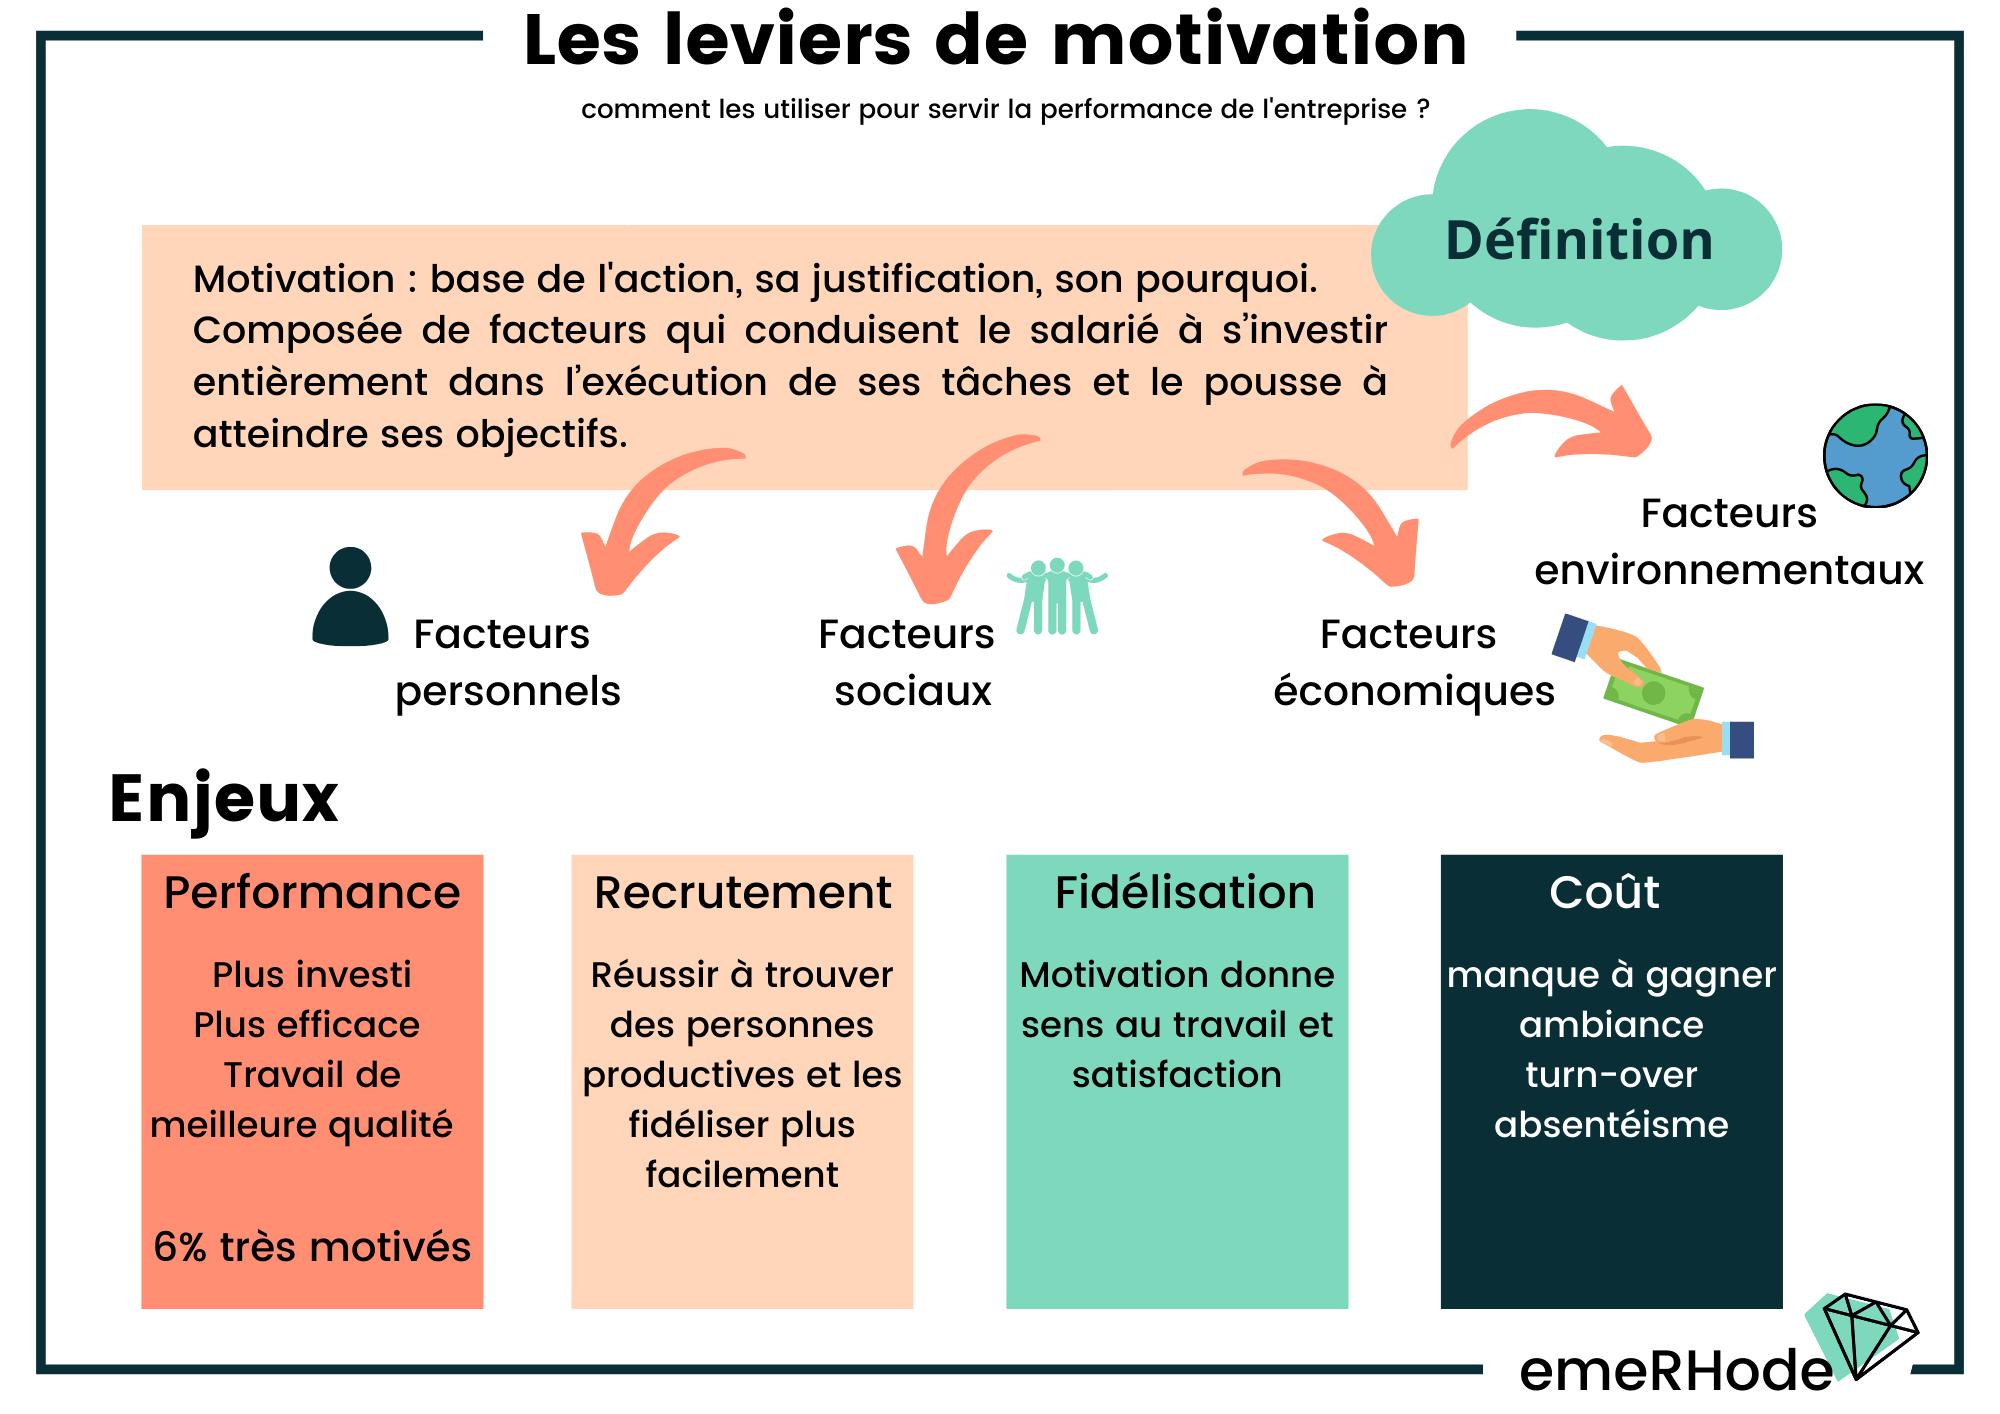 Leviers de motivation définition et enjeux